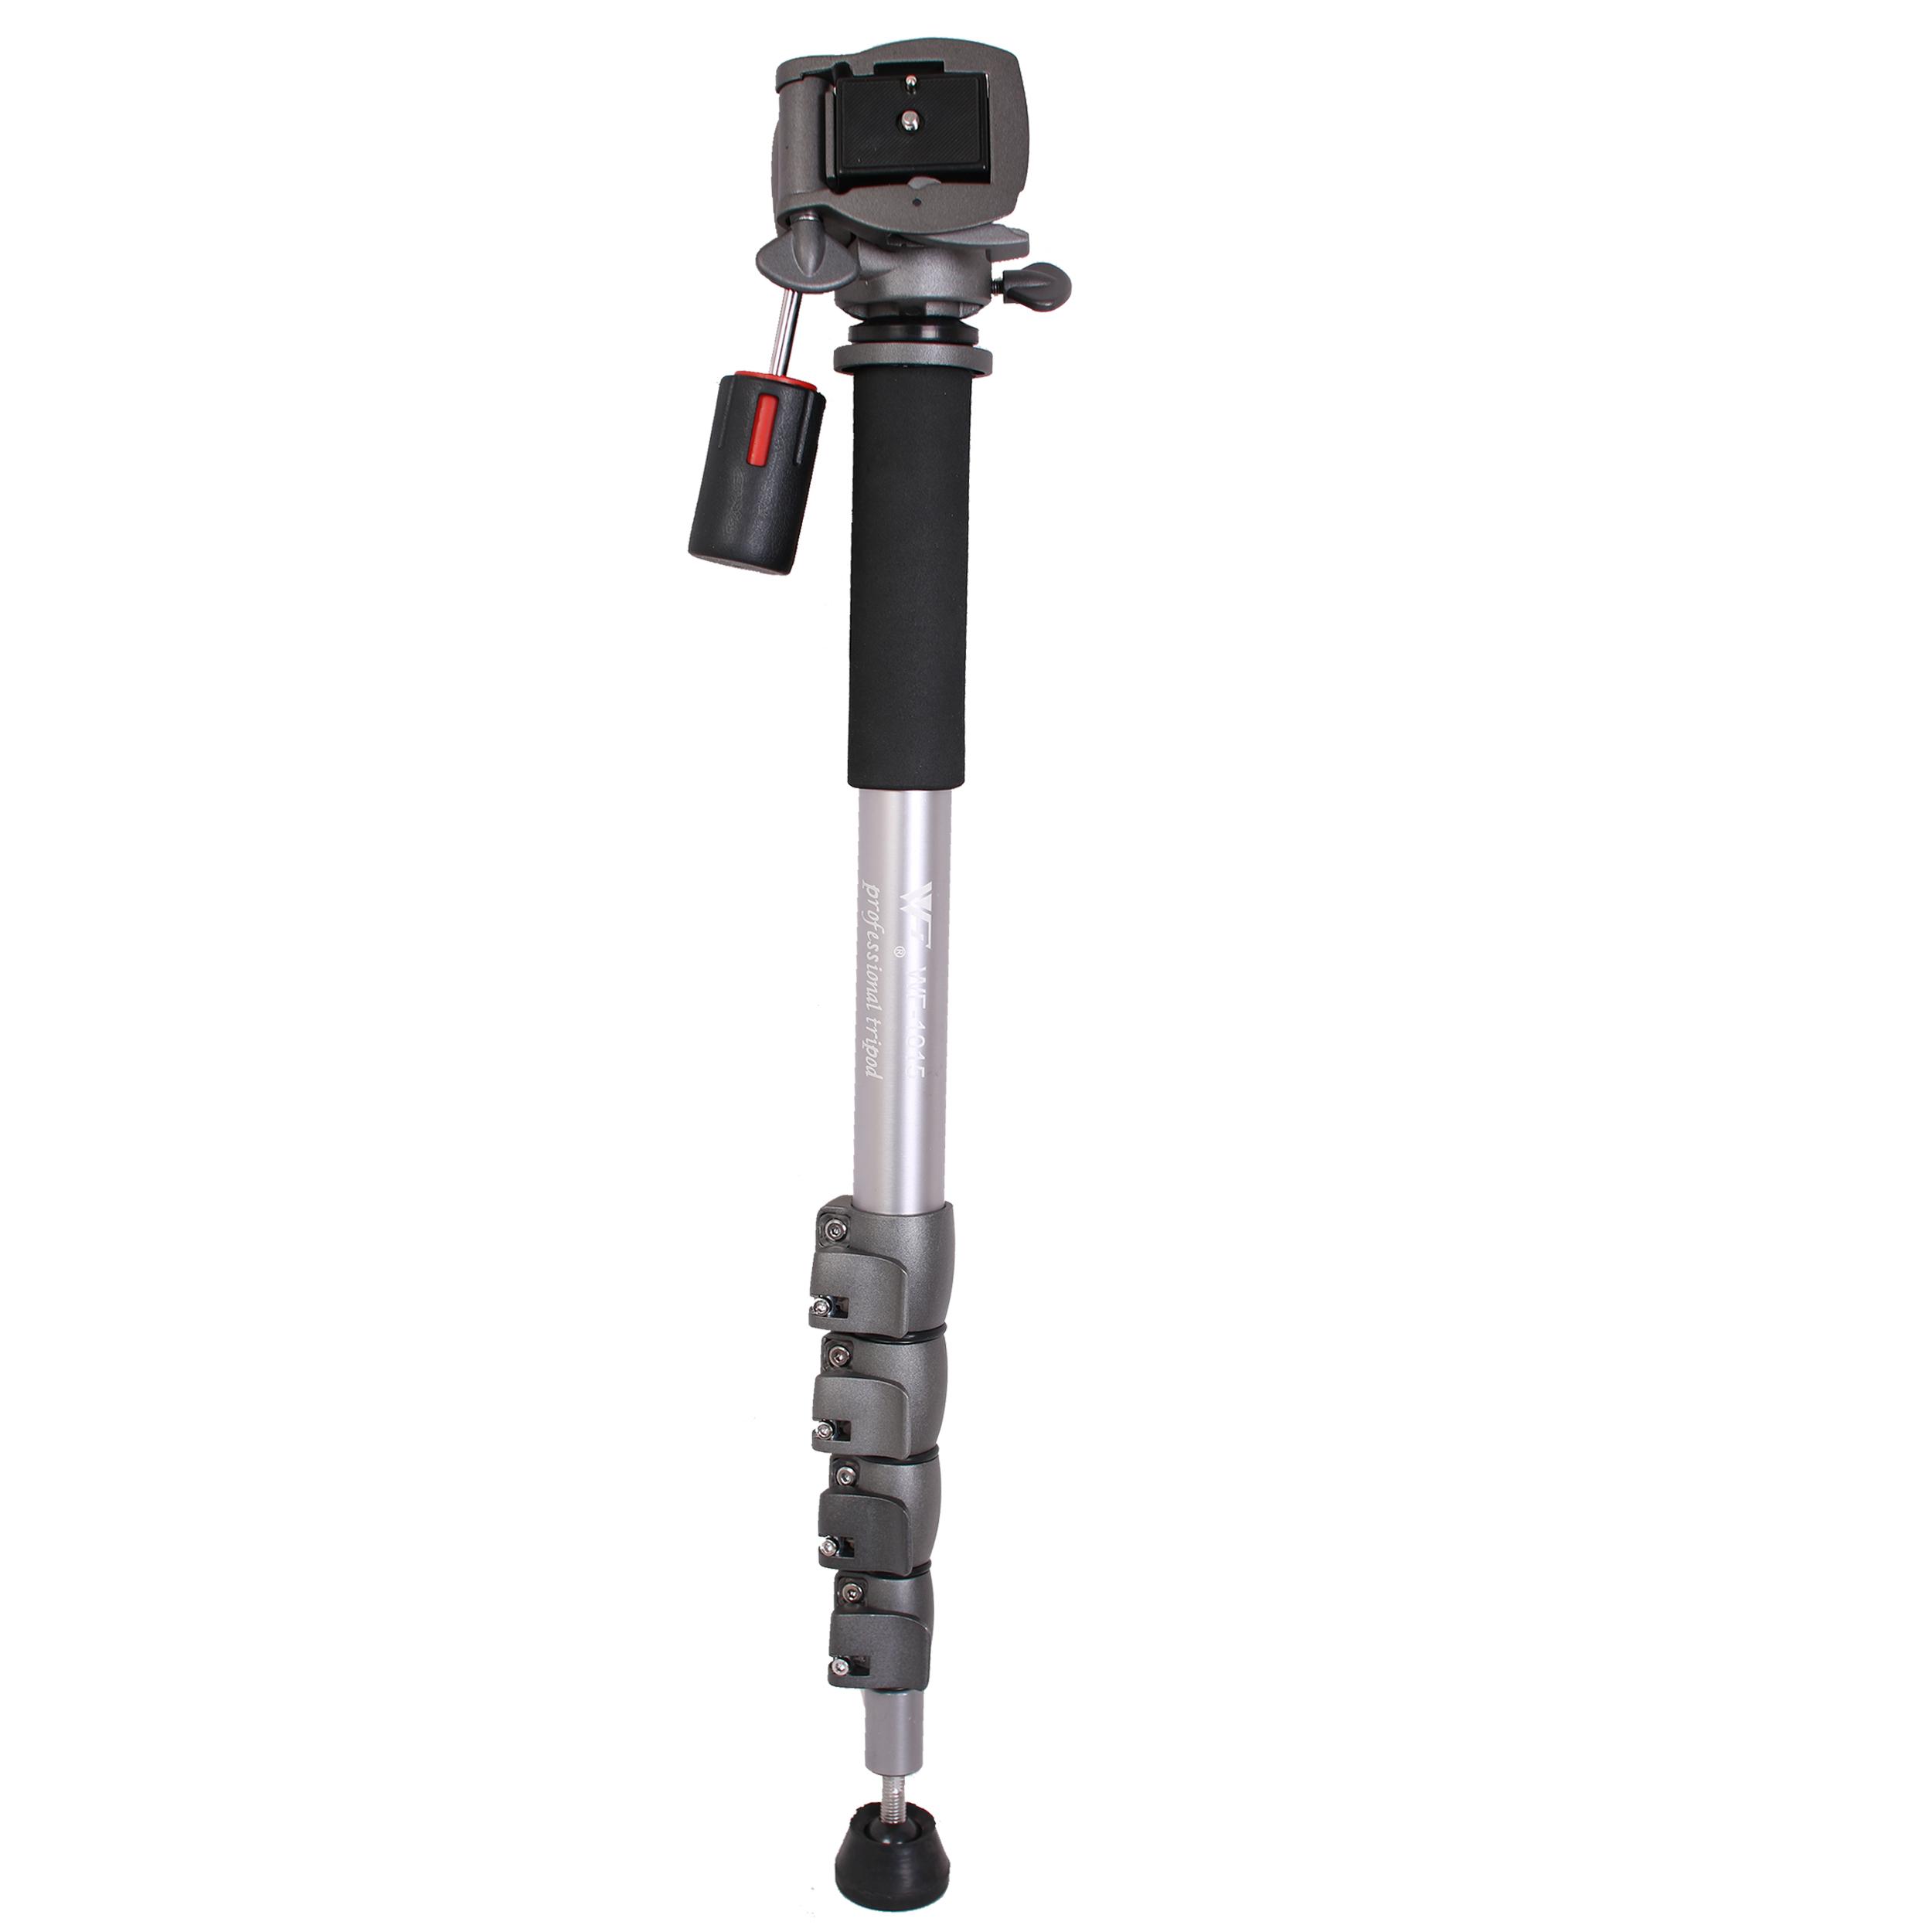 تک پایه دوربین  ویفنگ مدل WT 1015